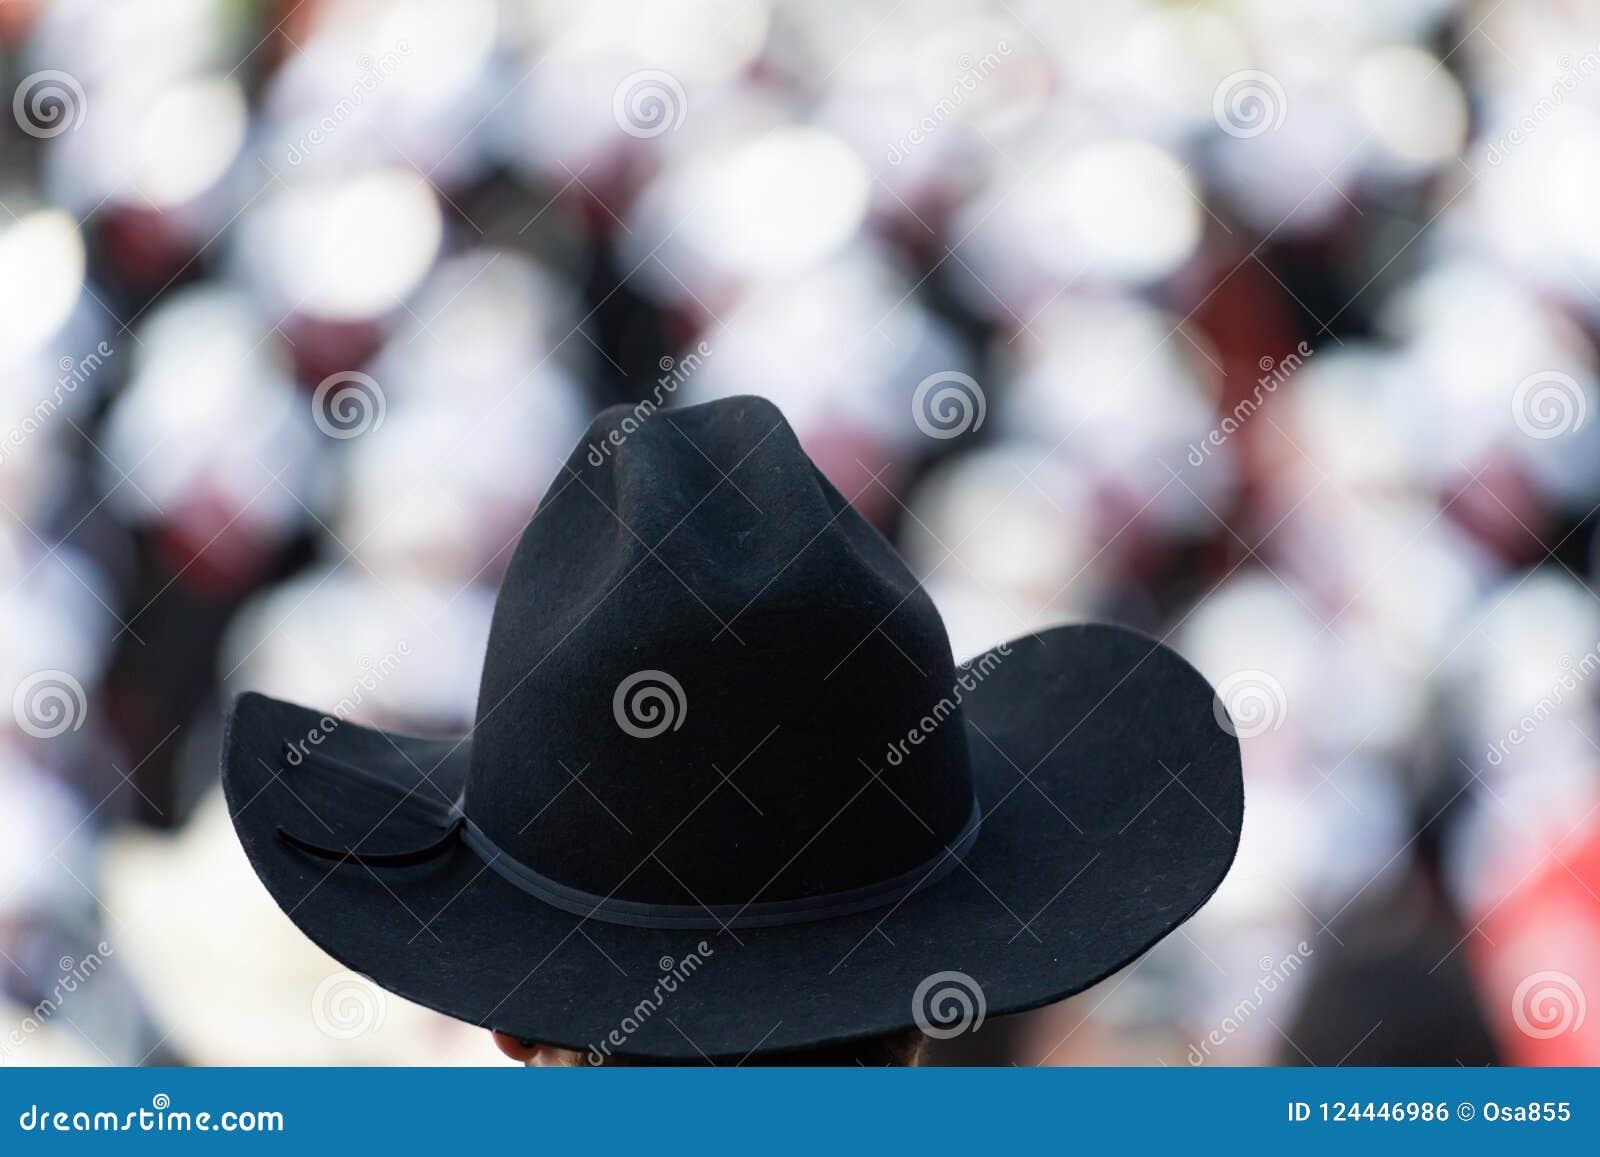 Причудливая черная ковбойская шляпа в фокусе на родео